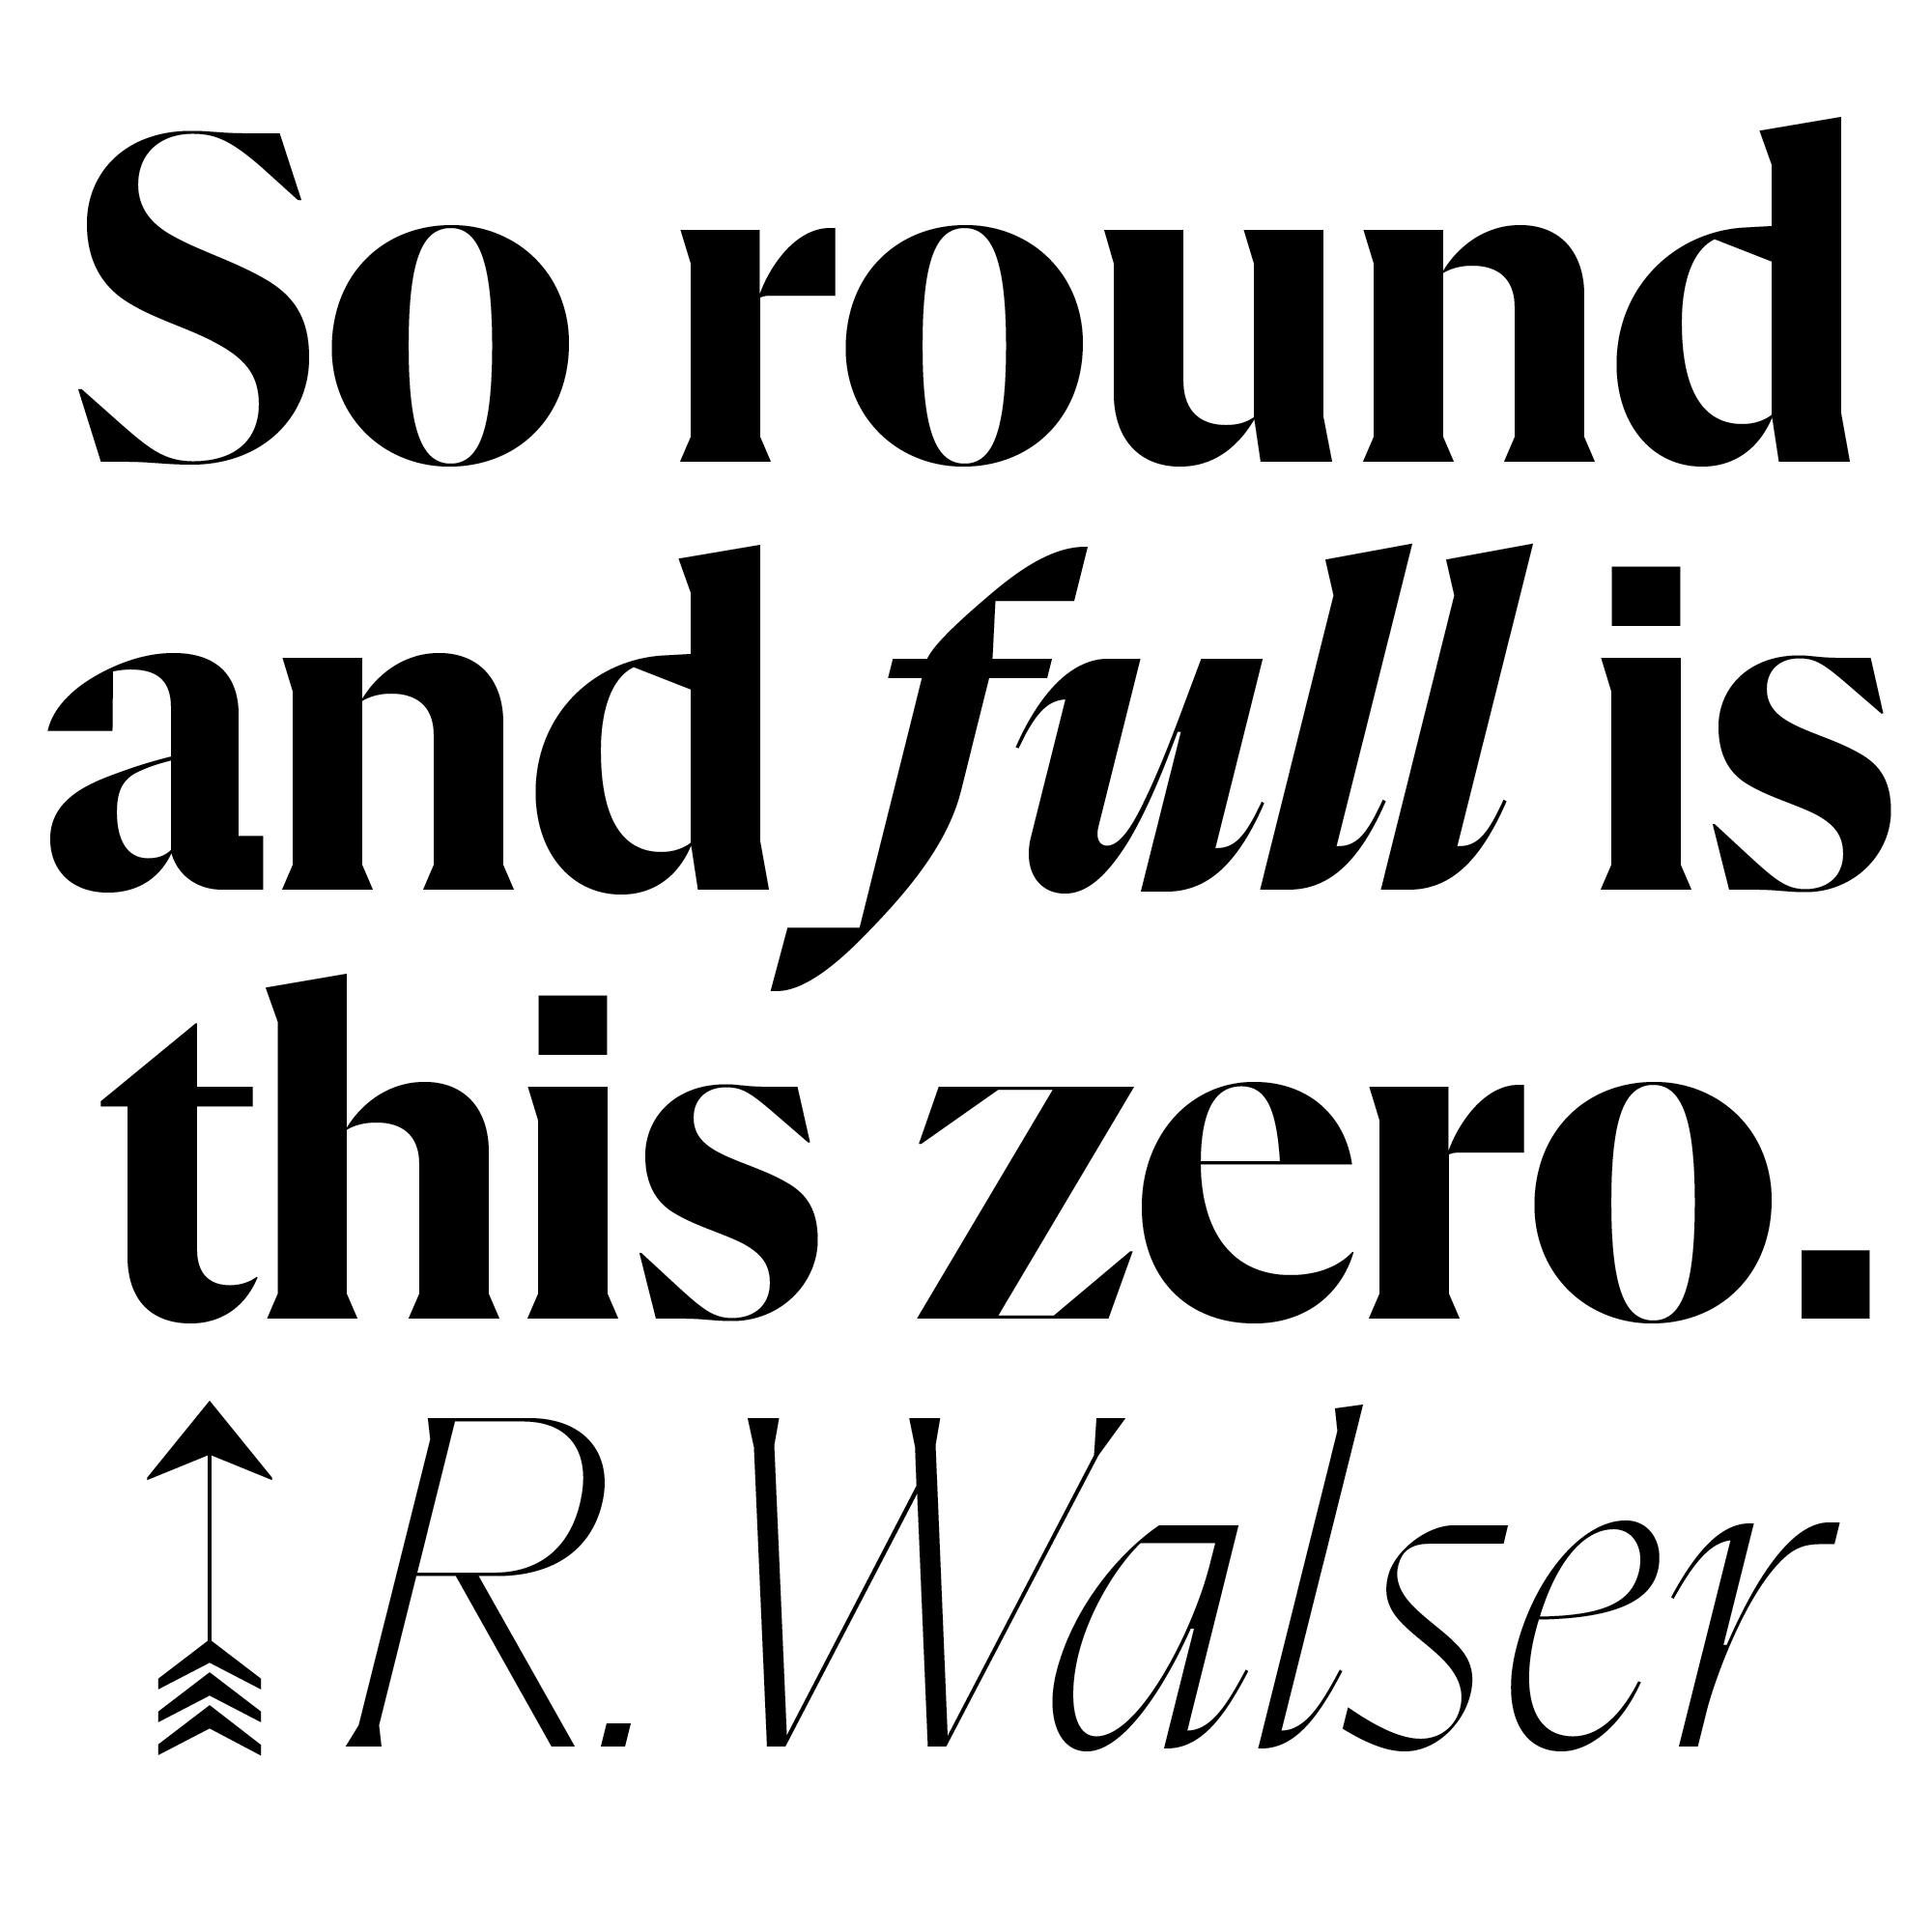 Flecha fonts